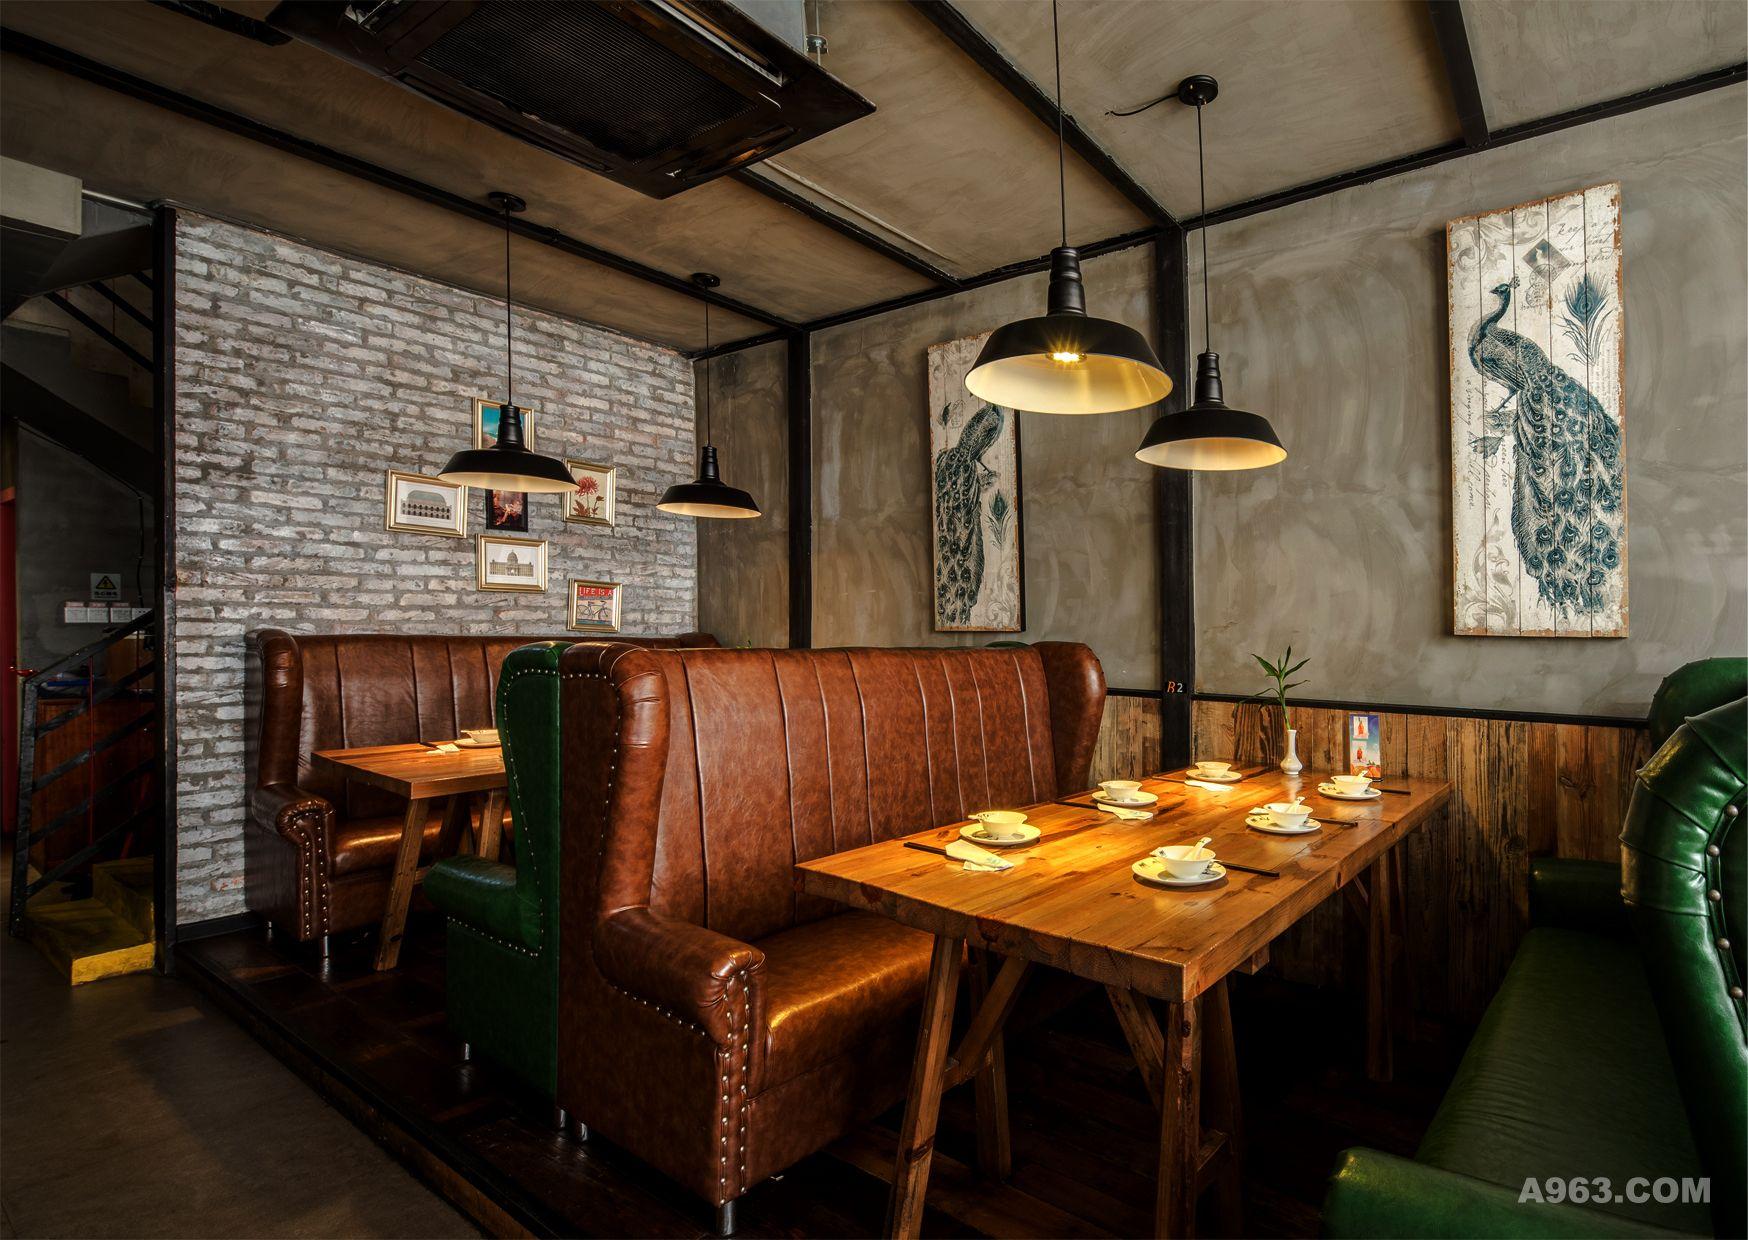 形成了良好的装饰效果,掩盖了吊顶的原始模样,遍及餐厅各处的原木木条